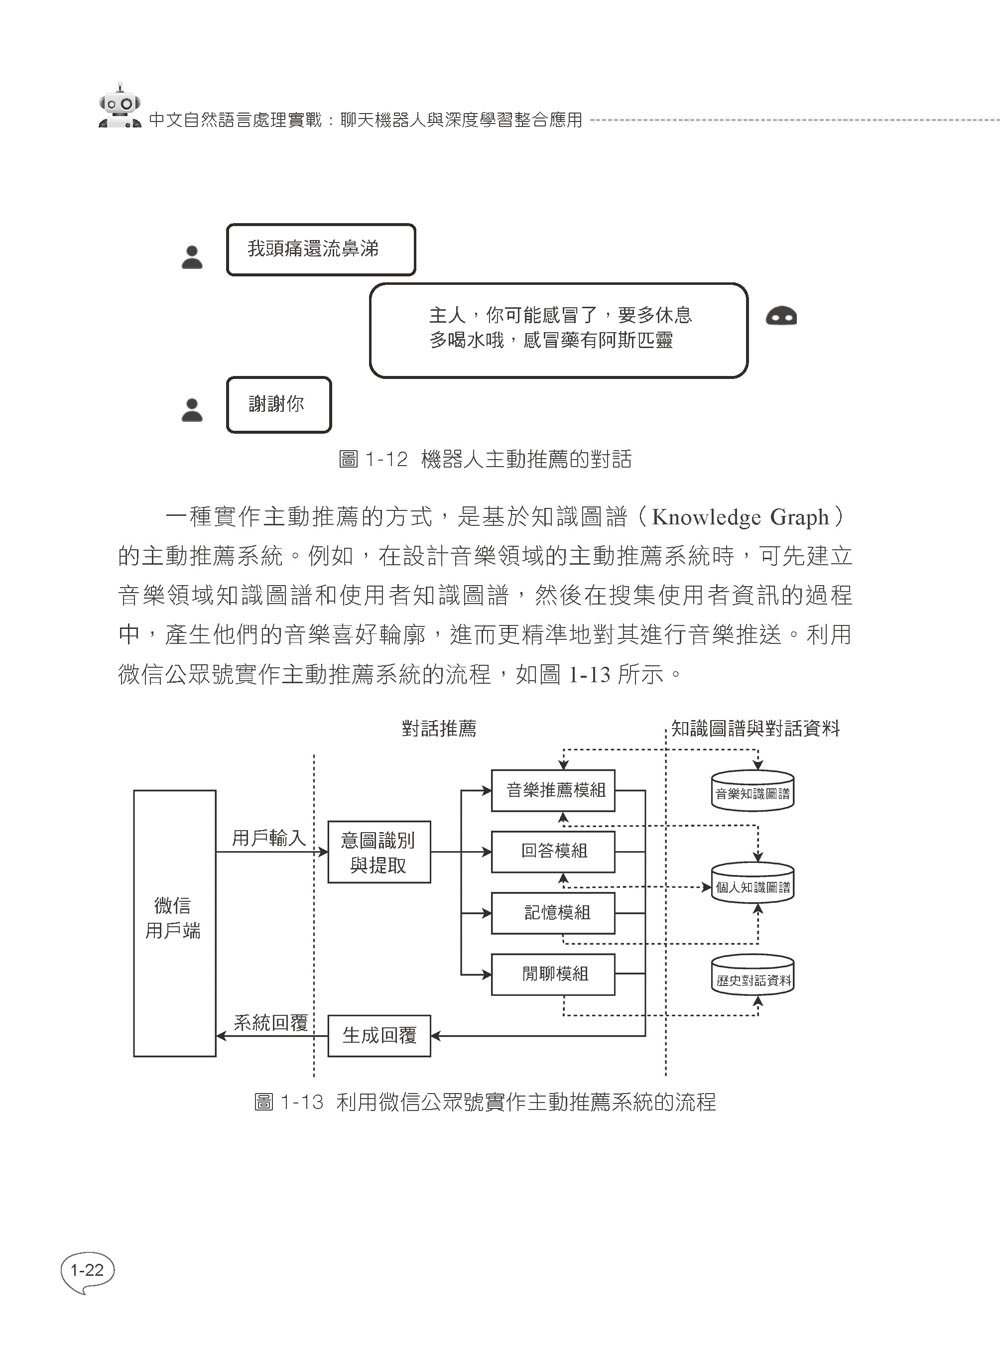 中文自然語言處理實戰:聊天機器人與深度學習整合應用-preview-11